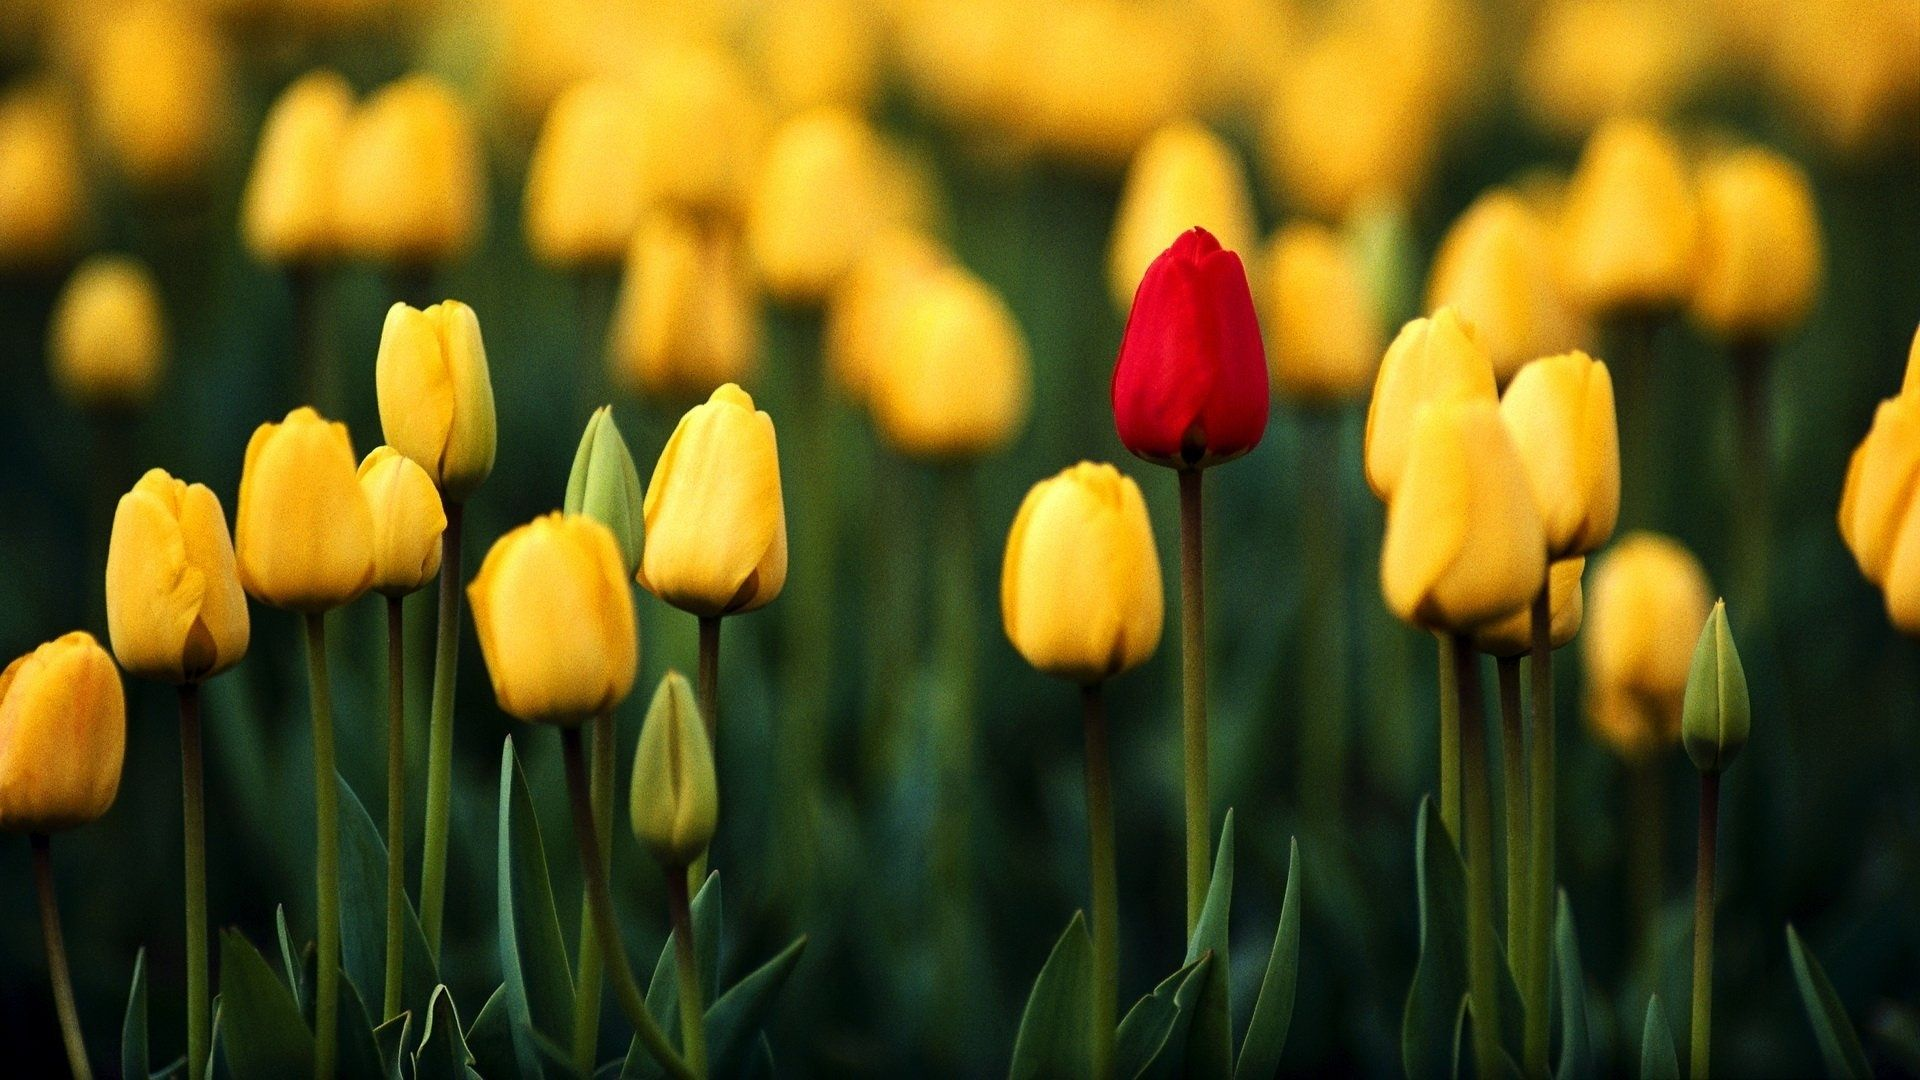 tulip images